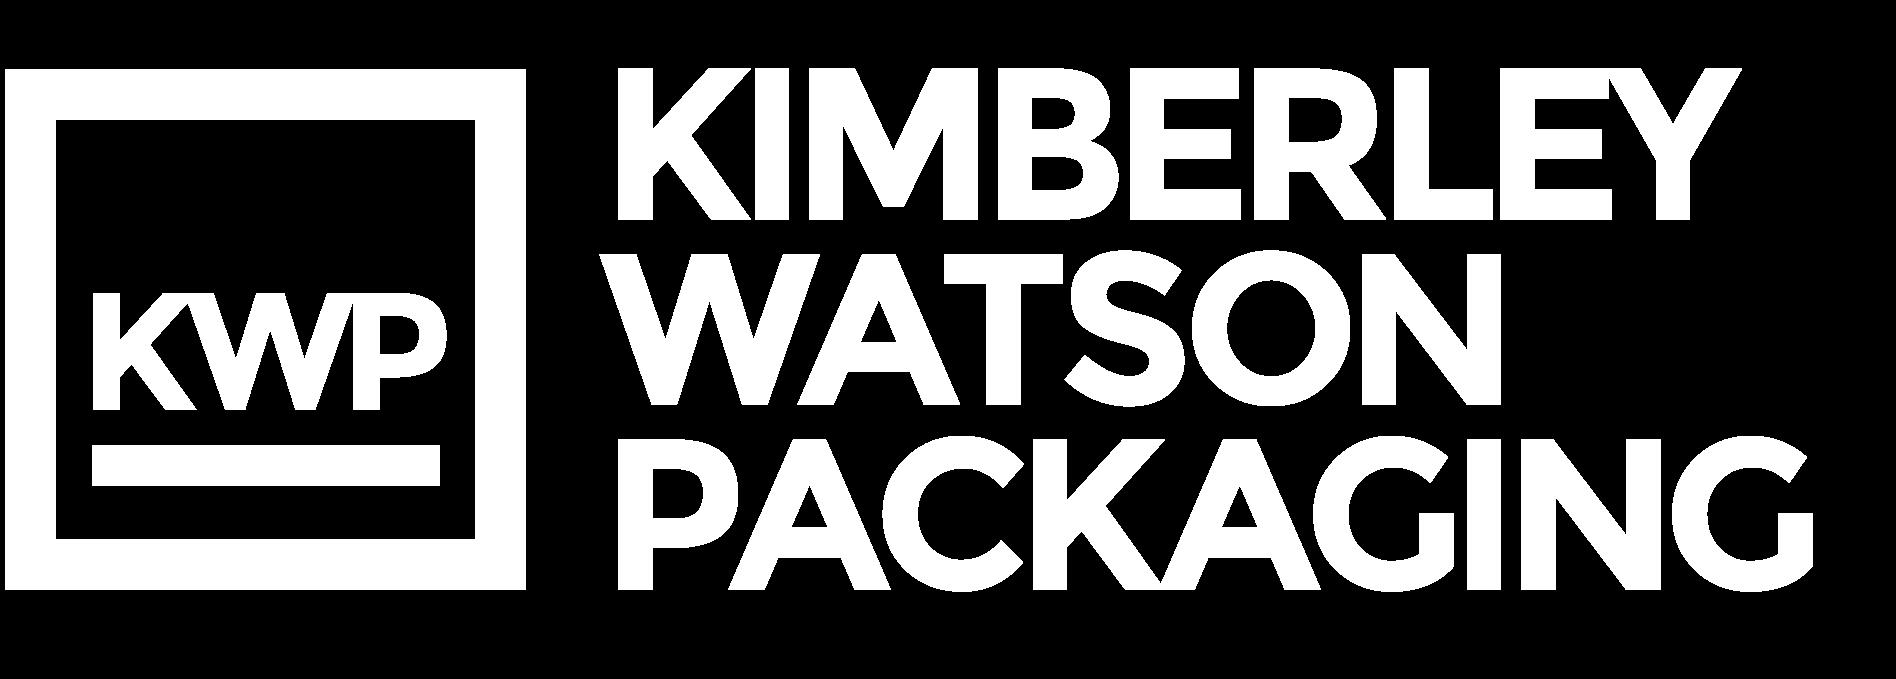 Kimberly Watson logo-18 (1).png